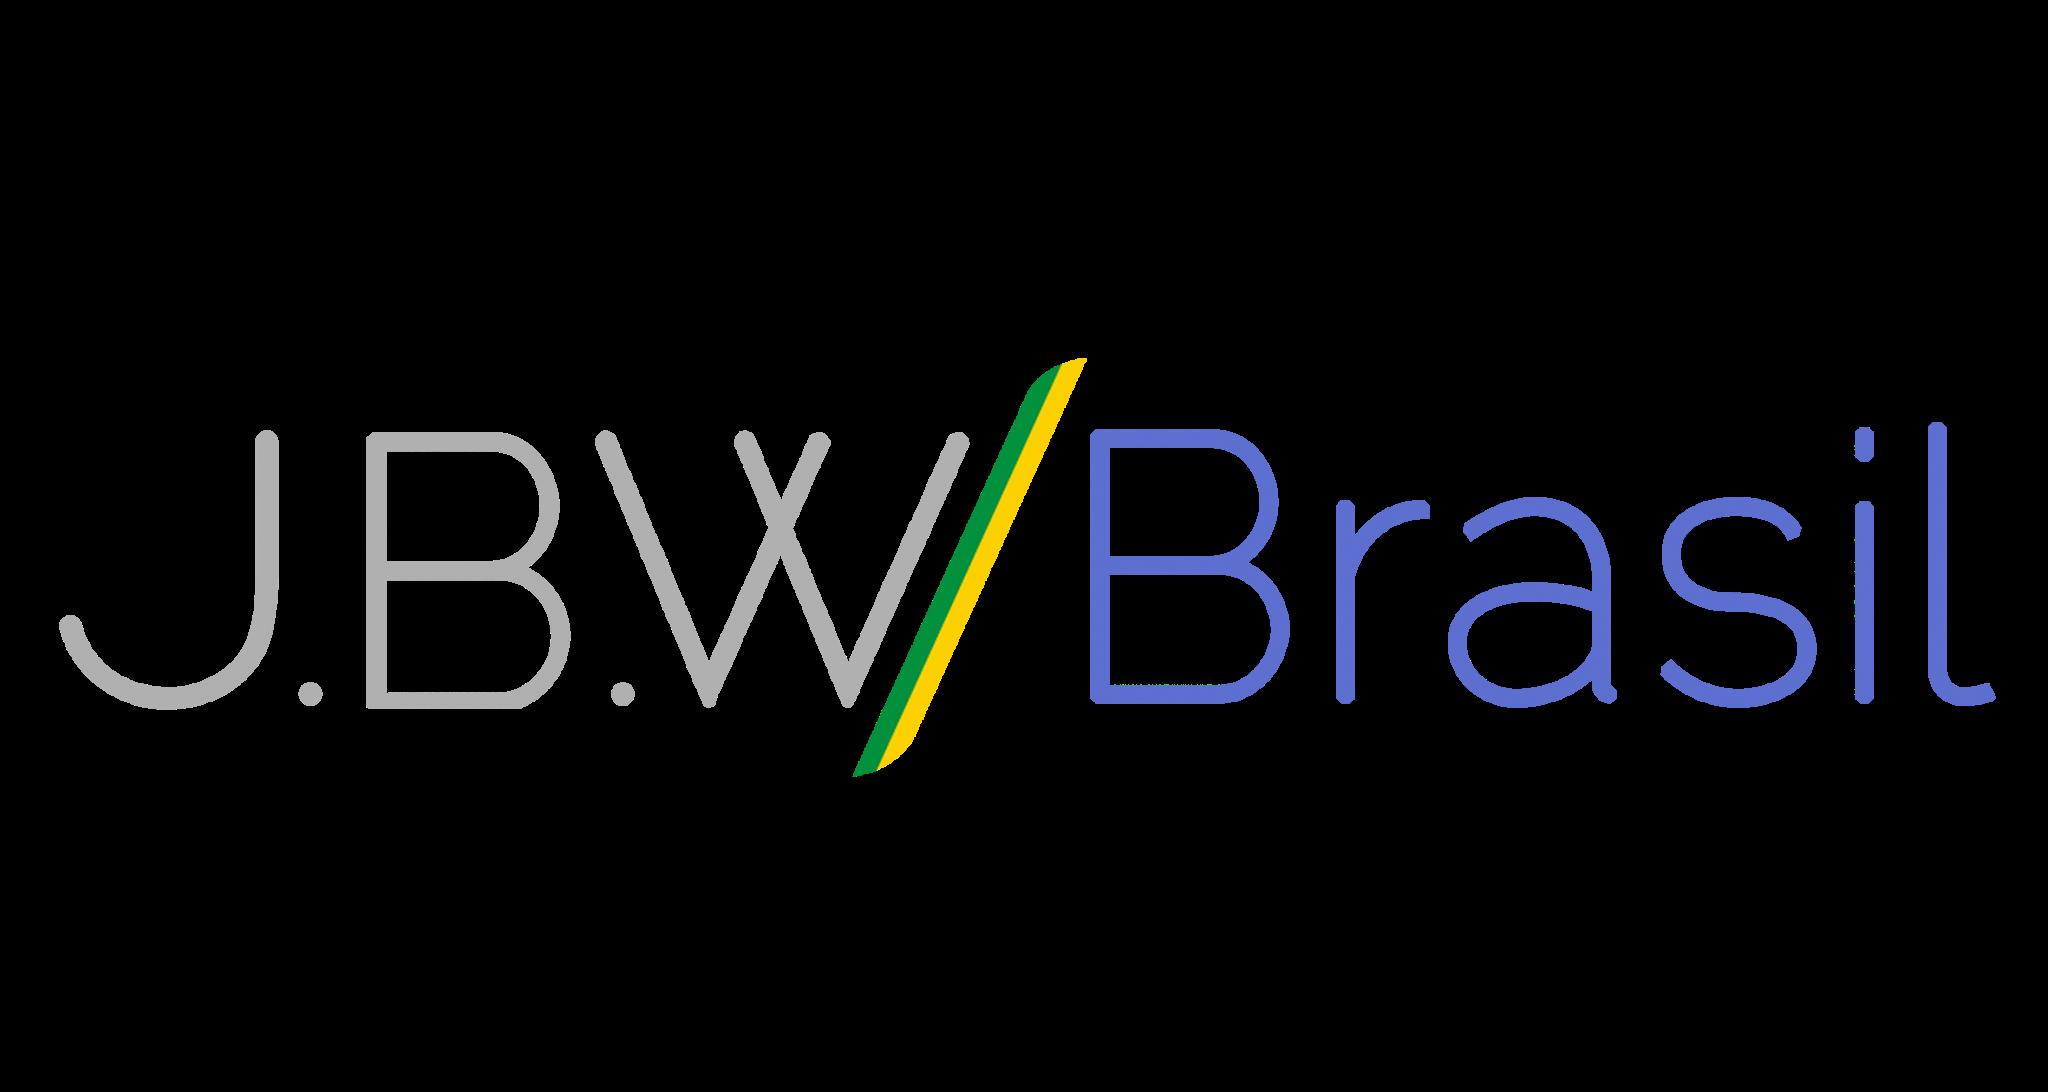 JBW-Brasil